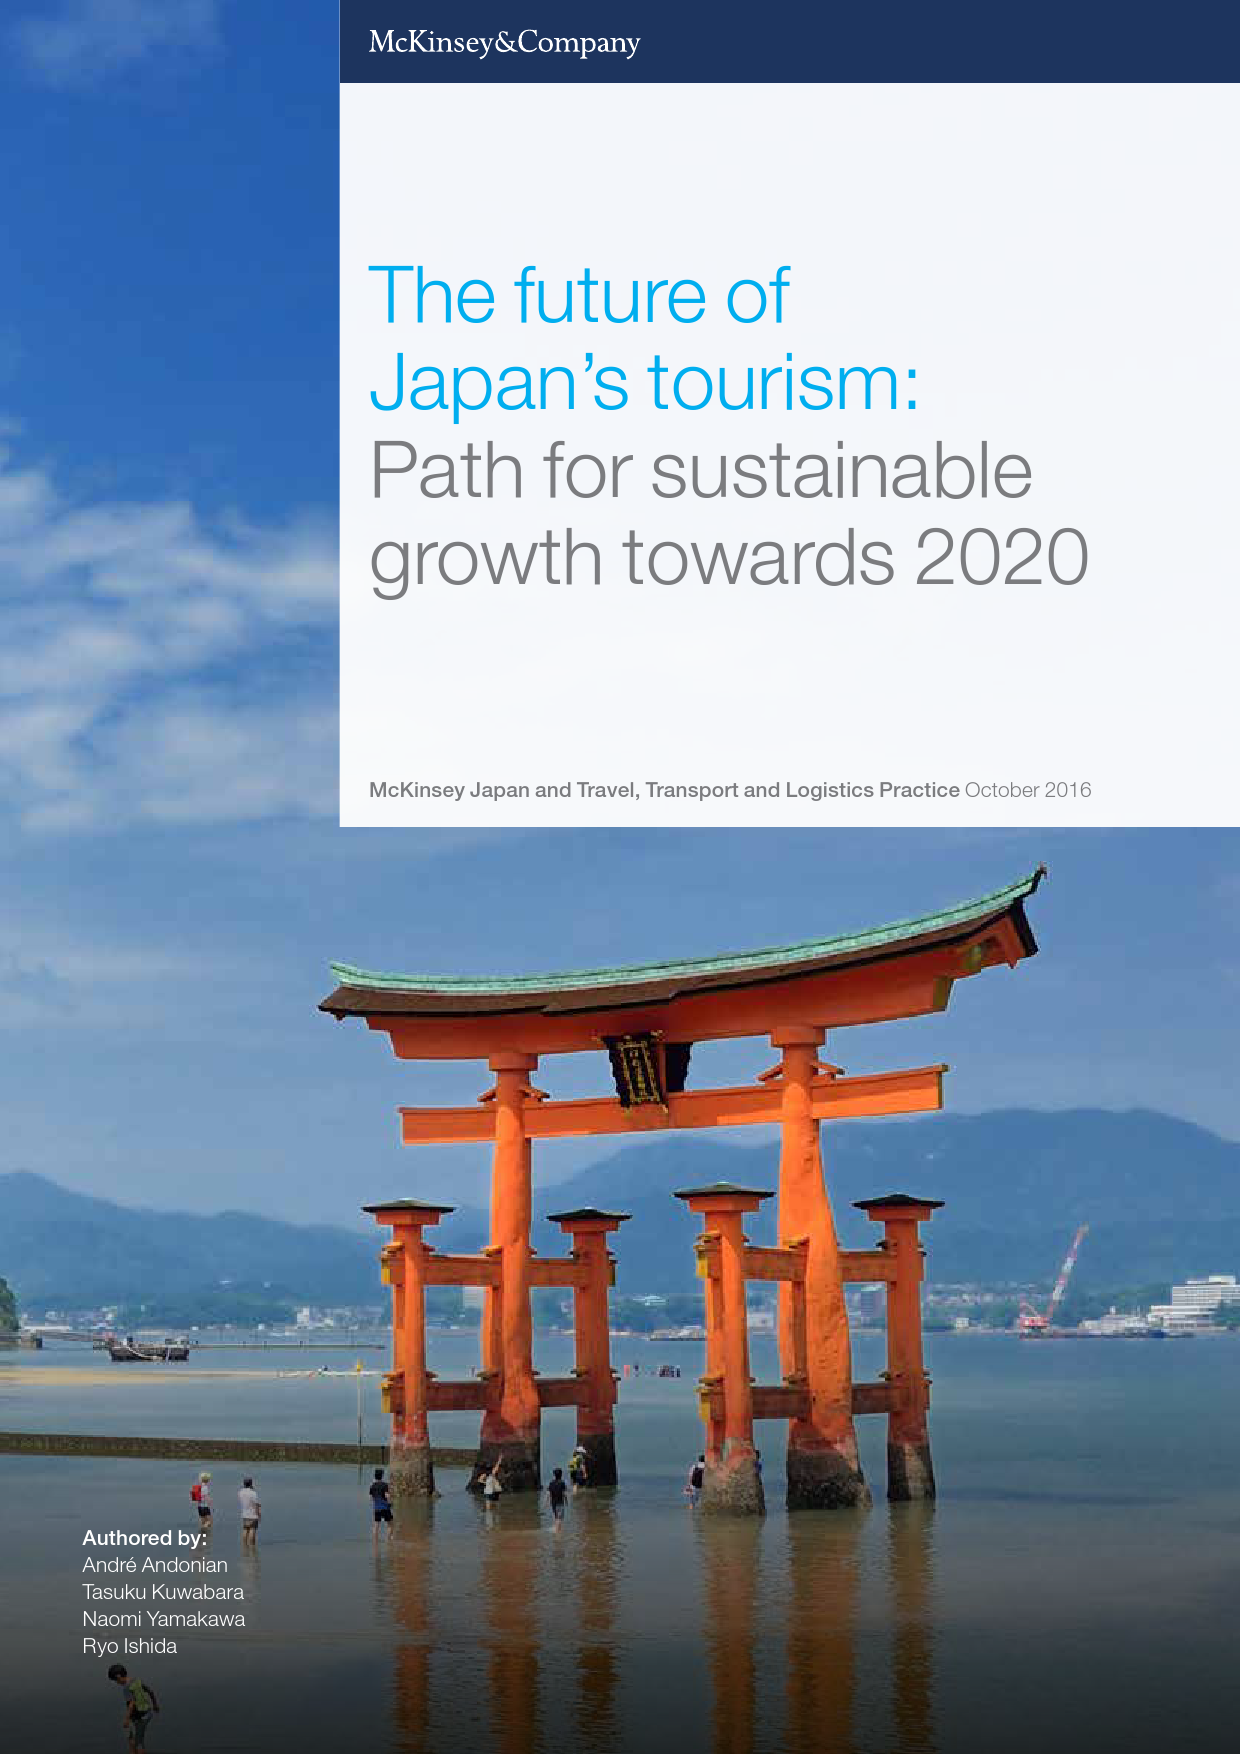 日本旅游业的未来:2020年可持续增长路径